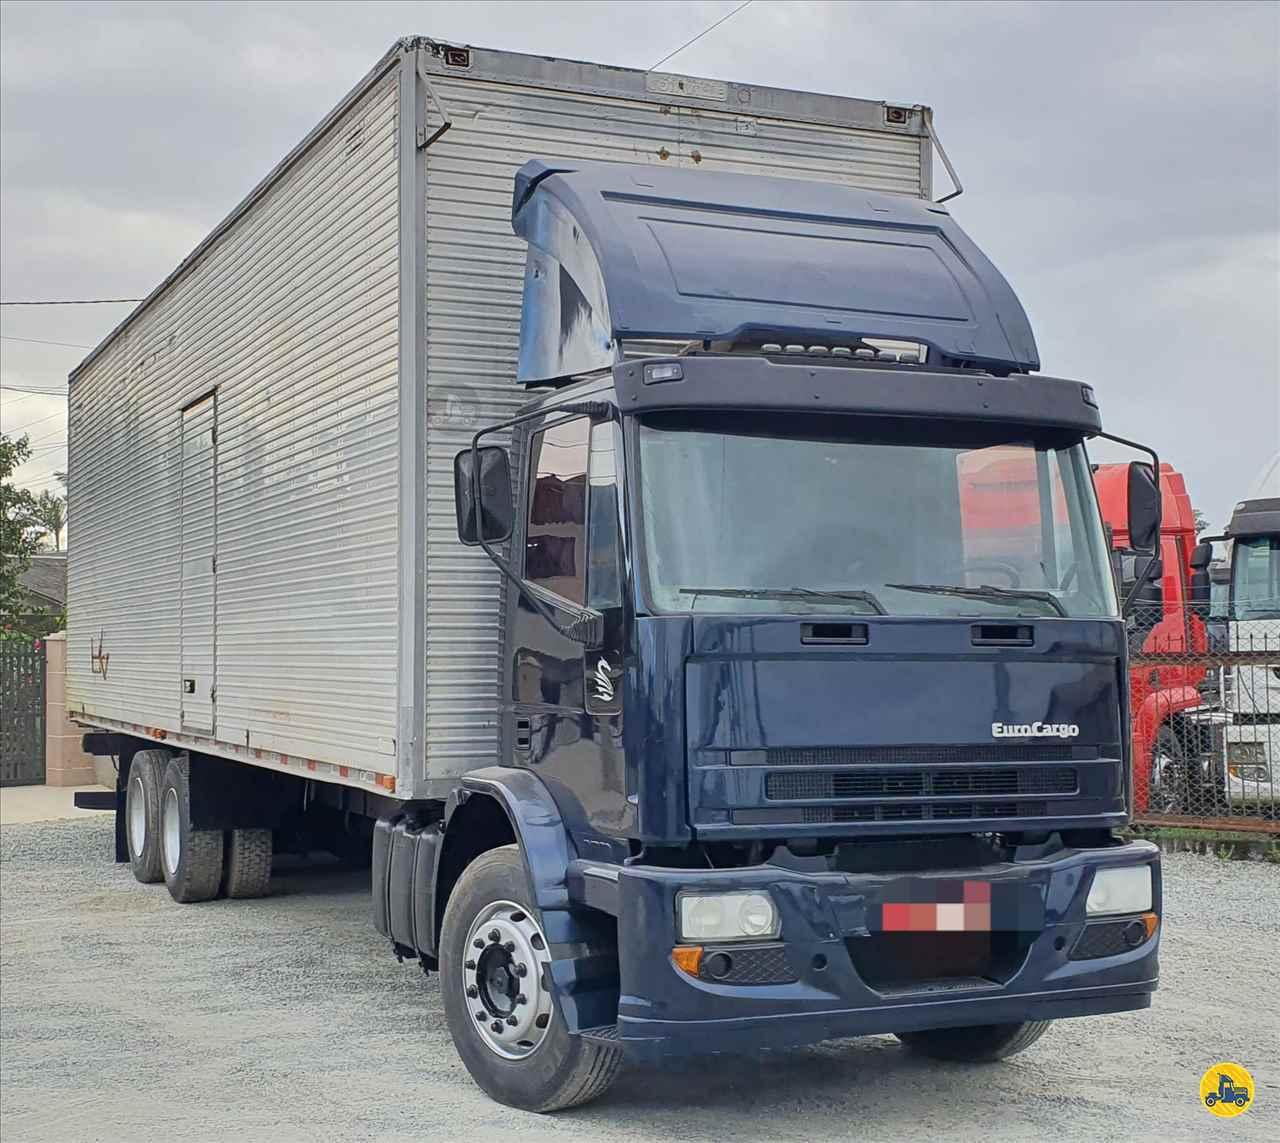 CAMINHAO IVECO TECTOR 170E21 Baú Furgão Truck 6x2 Trevo Caminhões - AGB ITAJAI SANTA CATARINA SC